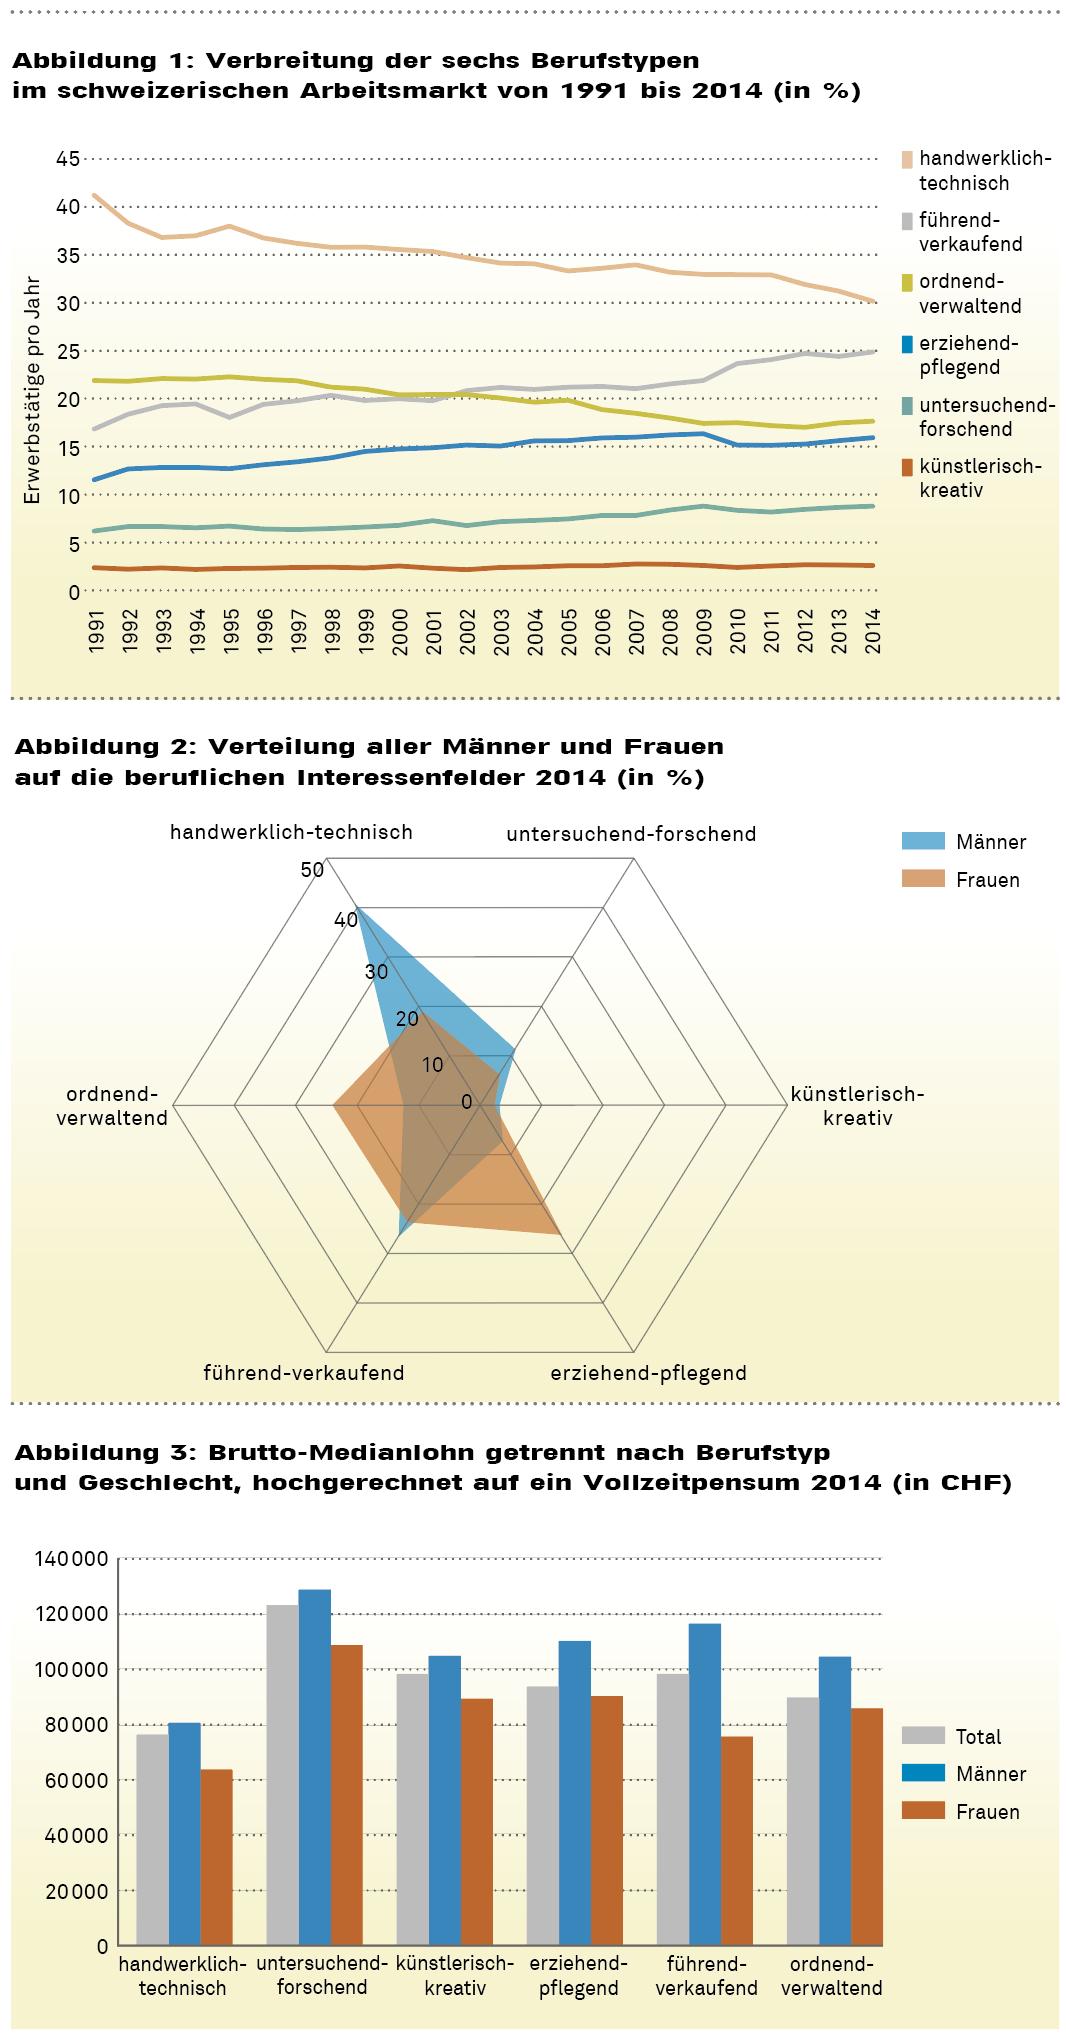 Quelle Grafiken: Ghetta, A. et al. (2018)